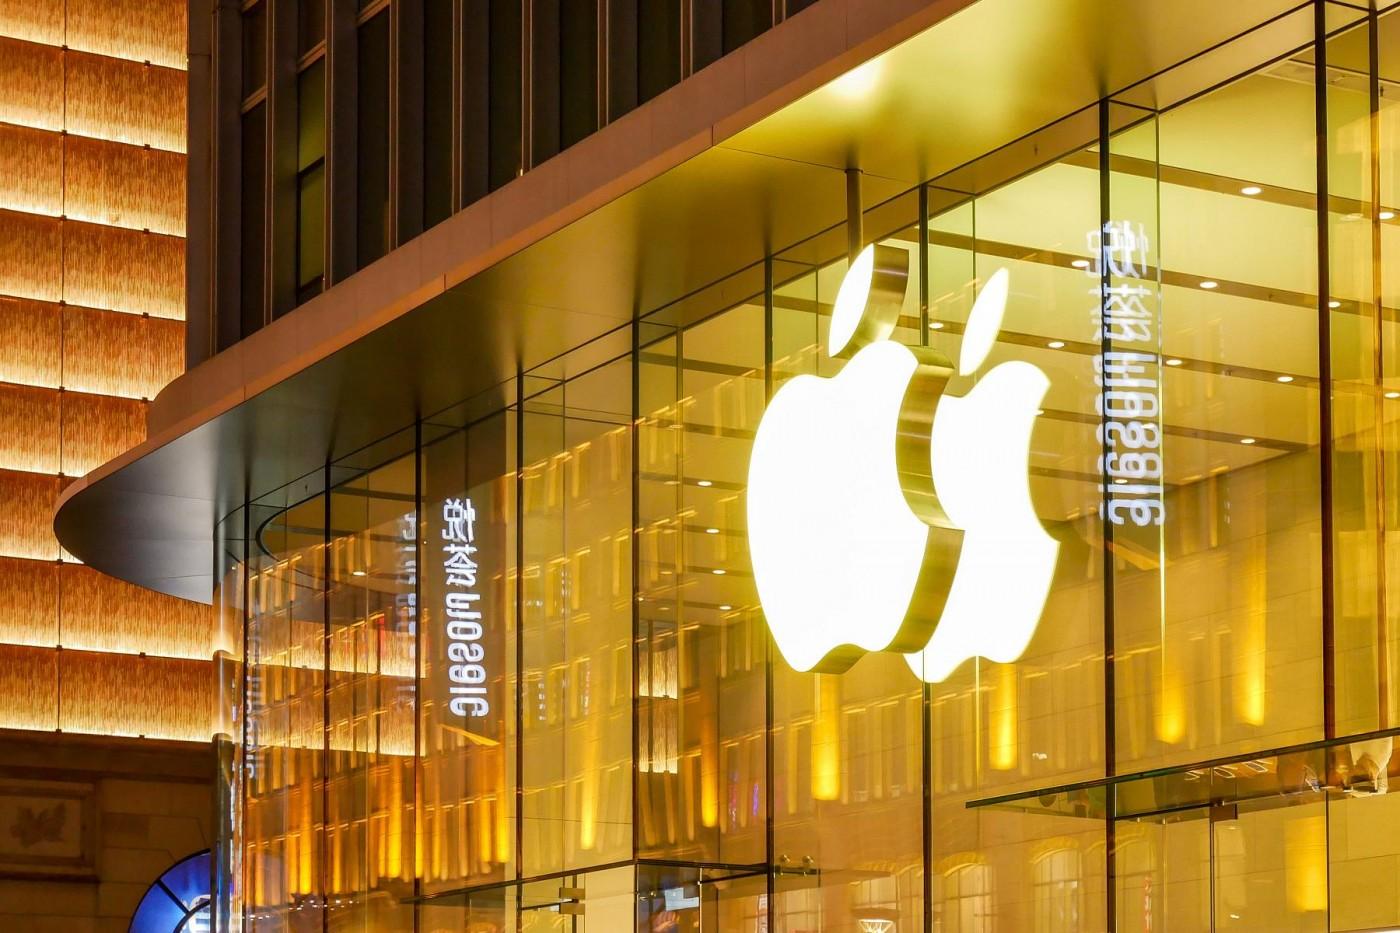 网易新闻 | 苹果遵守中国法律 交出用户数据iCloud秘钥